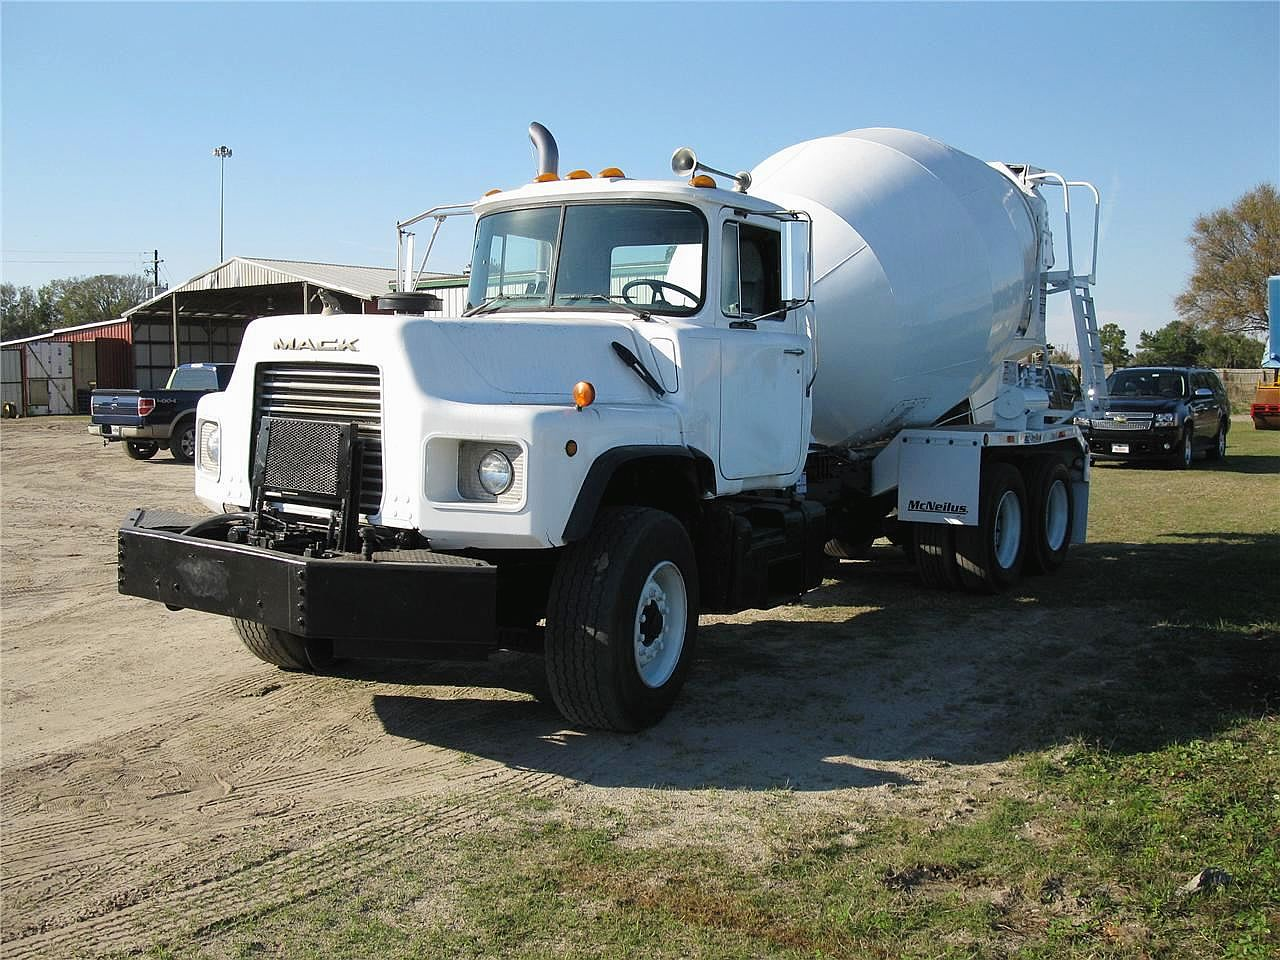 Compra y venta maquinaria pesada importamos cel 314 - Mezcladora de cemento ...